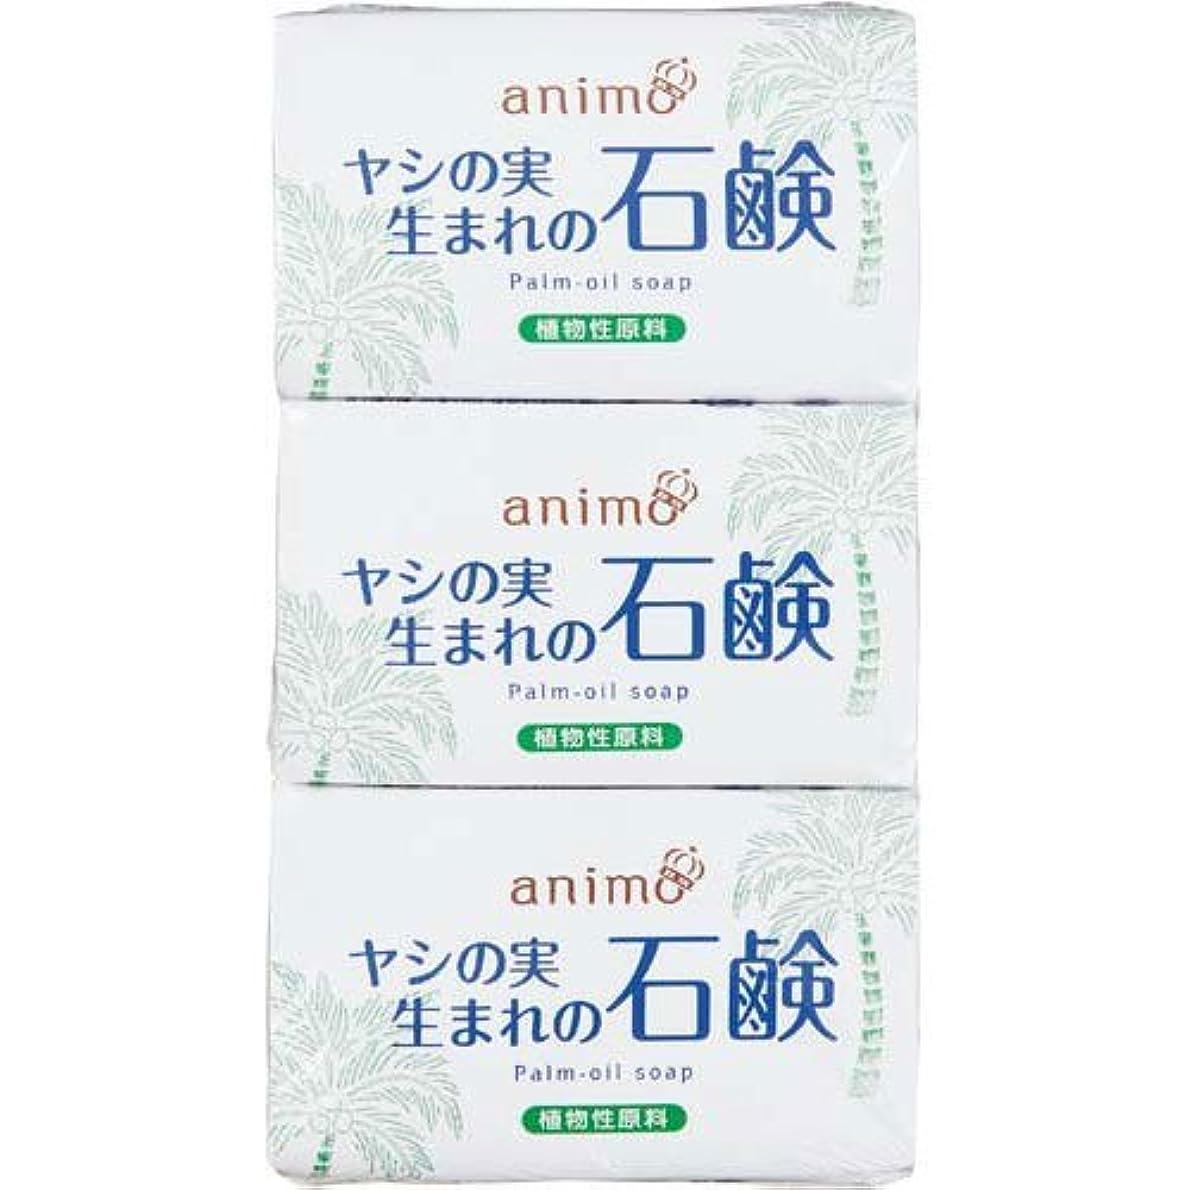 アリーナ感覚みすぼらしいロケット石鹸 ヤシの実石鹸 80g×3個×10パック